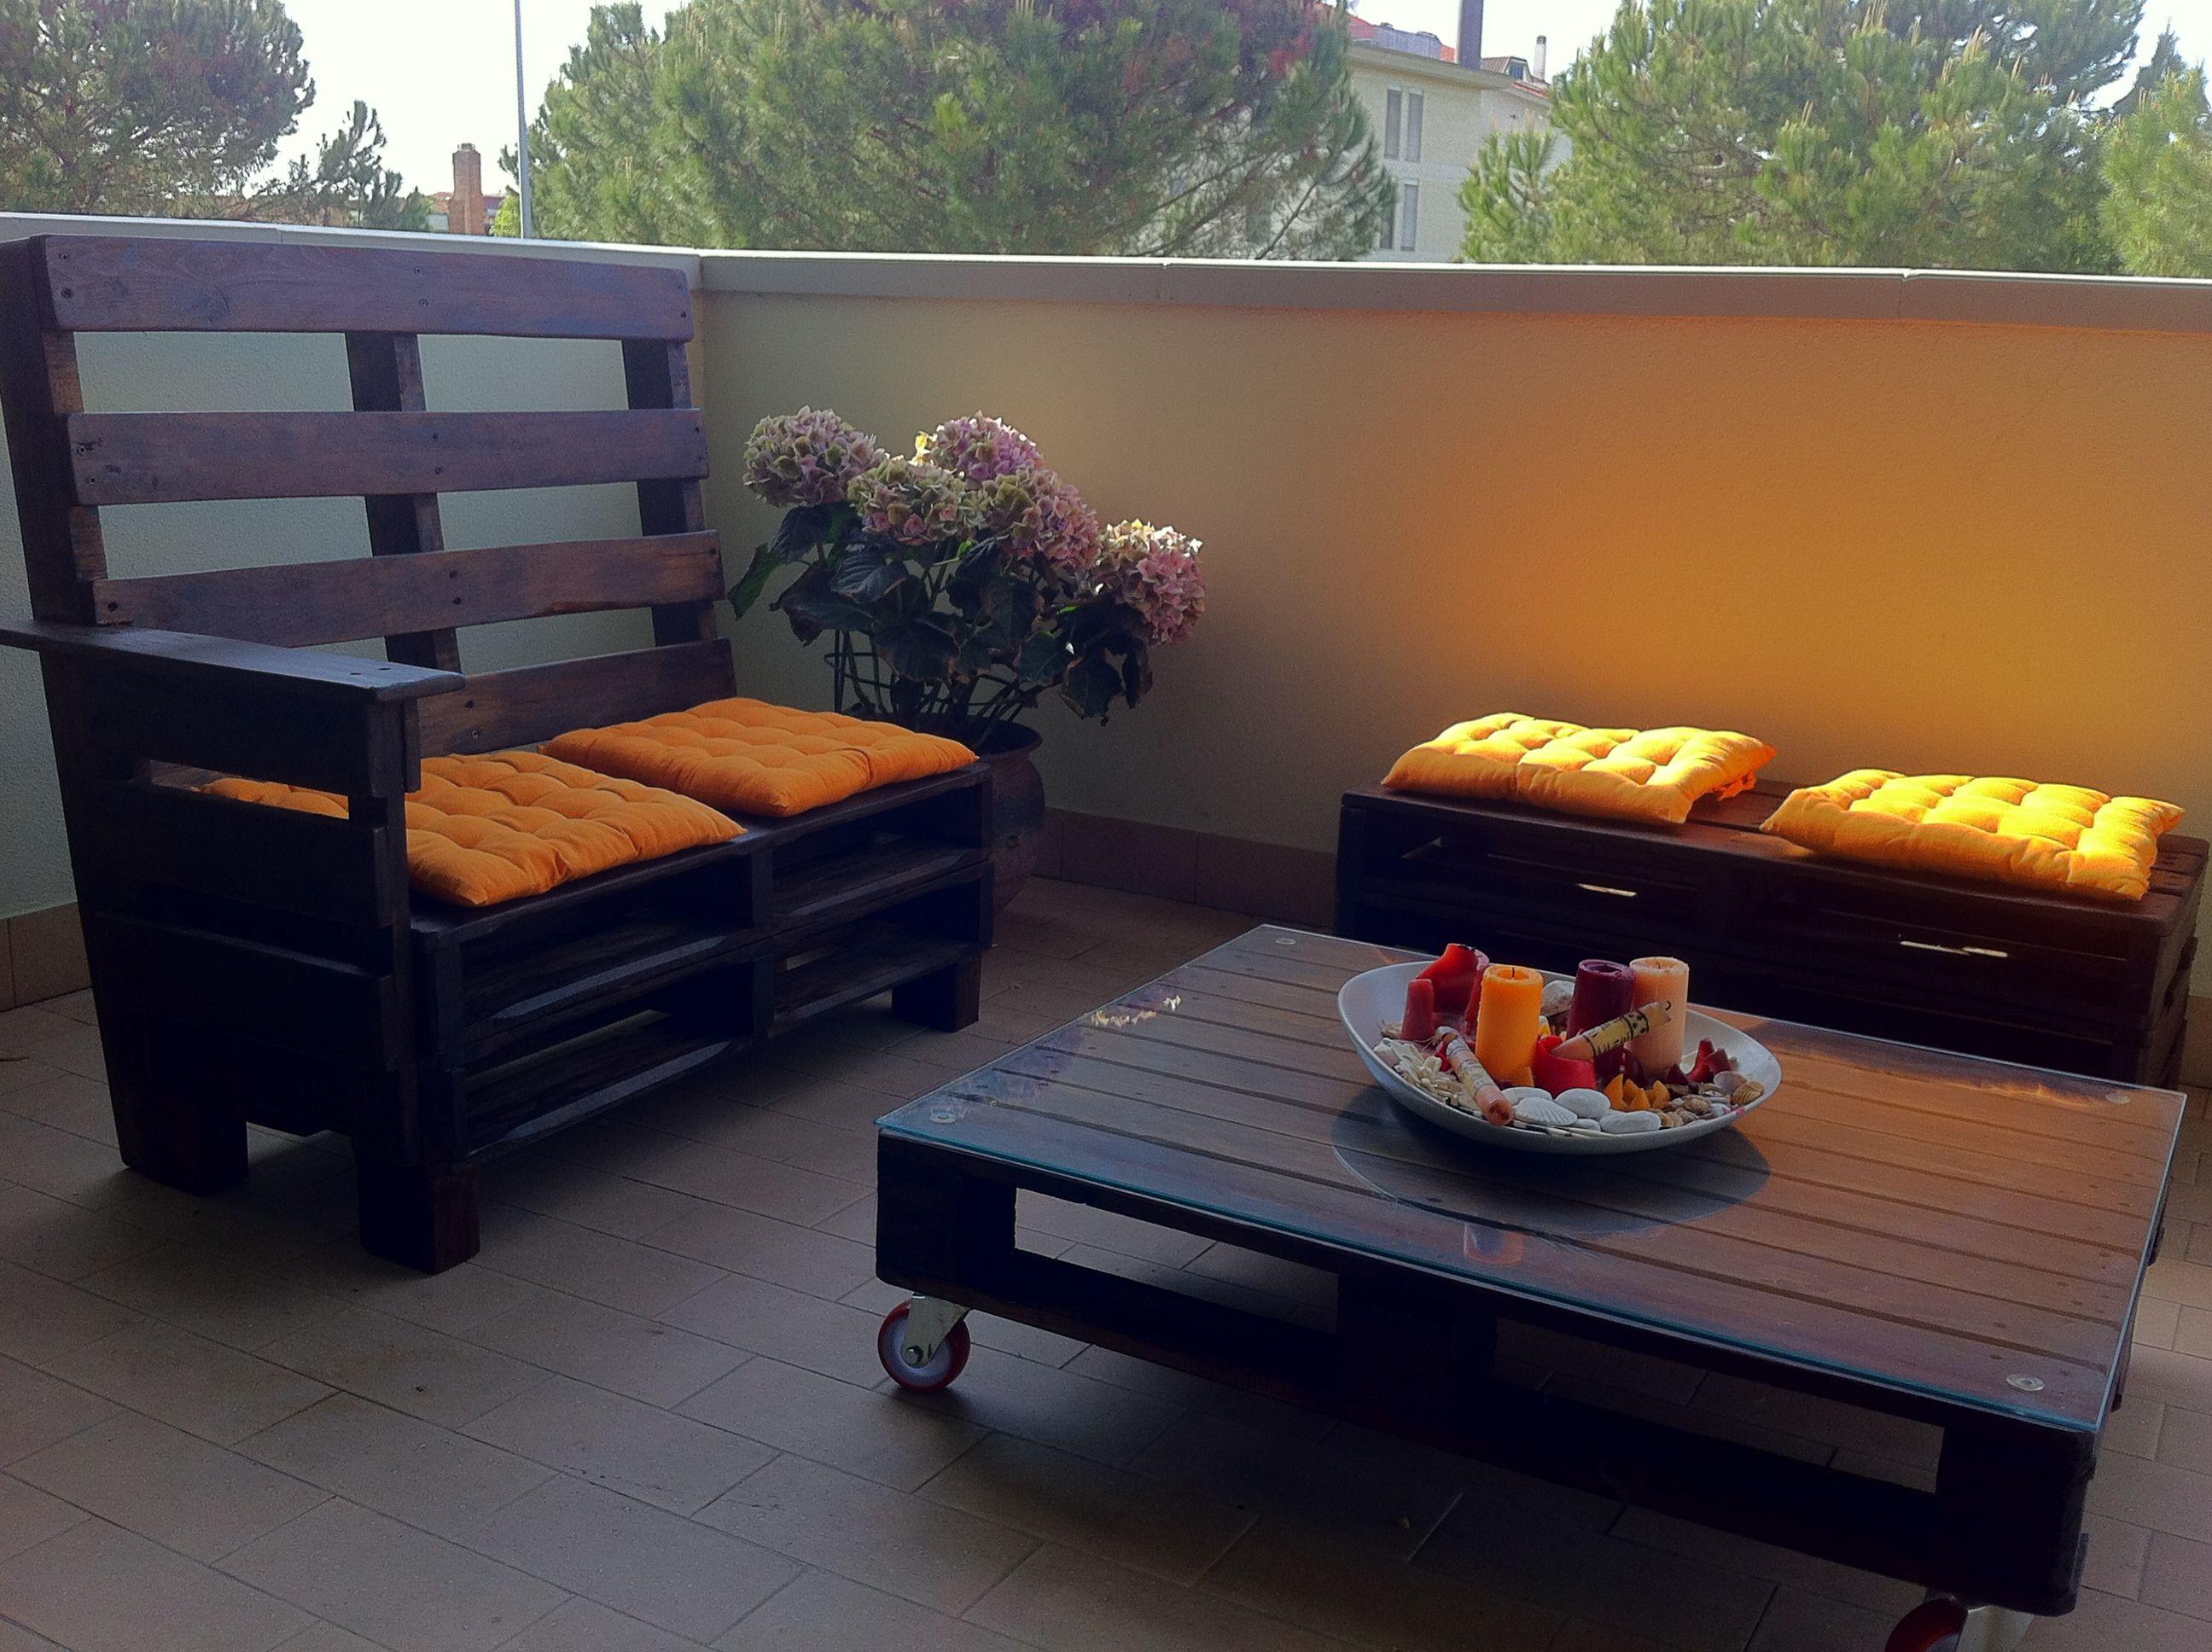 Arredamento recupero ~ Realizzazione arredo giardino con bancali di recupero riciclo